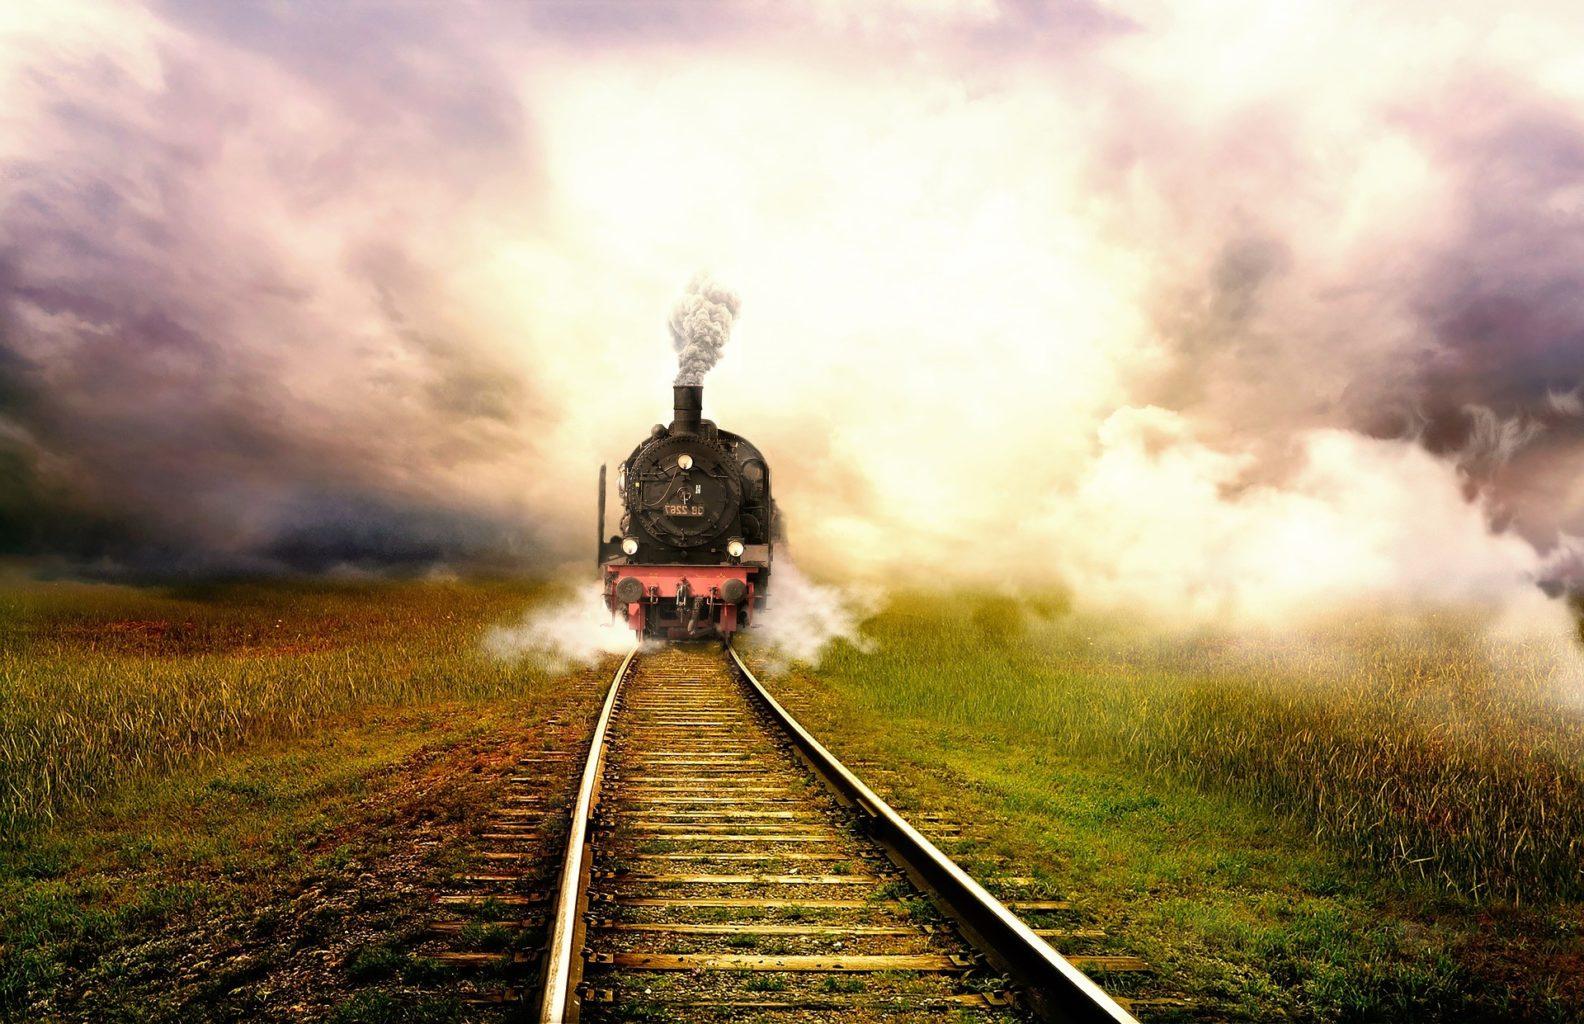 Работу пассажирских поездов ограничат из-за коронавируса